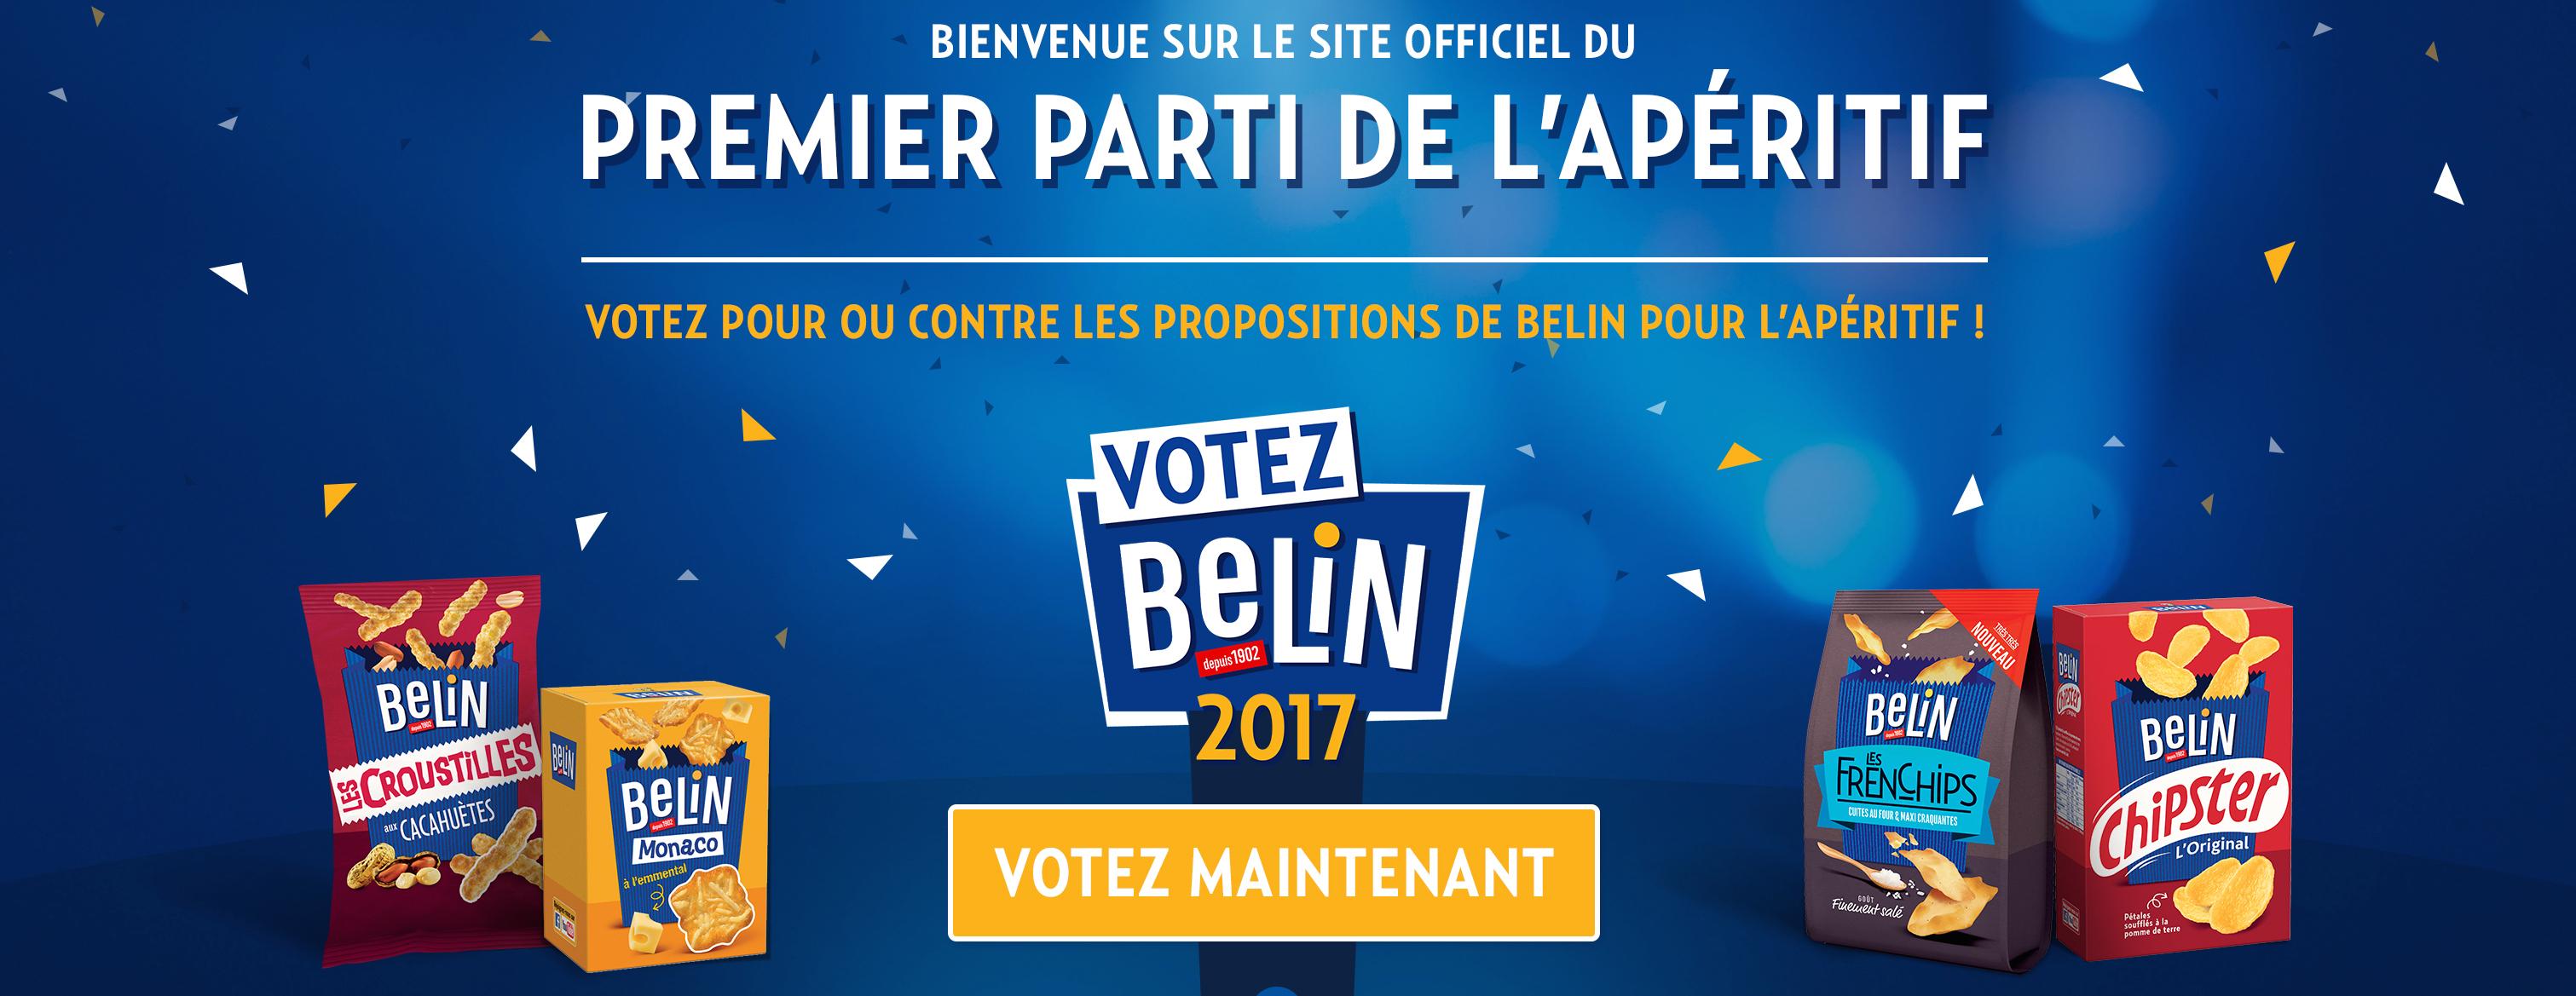 une plateforme dédiée a été mise en ligne sur laquelle Belin propose chaque jour de venir découvrir une proposition de loi insolite et invite les internautes à voter pour ou contre